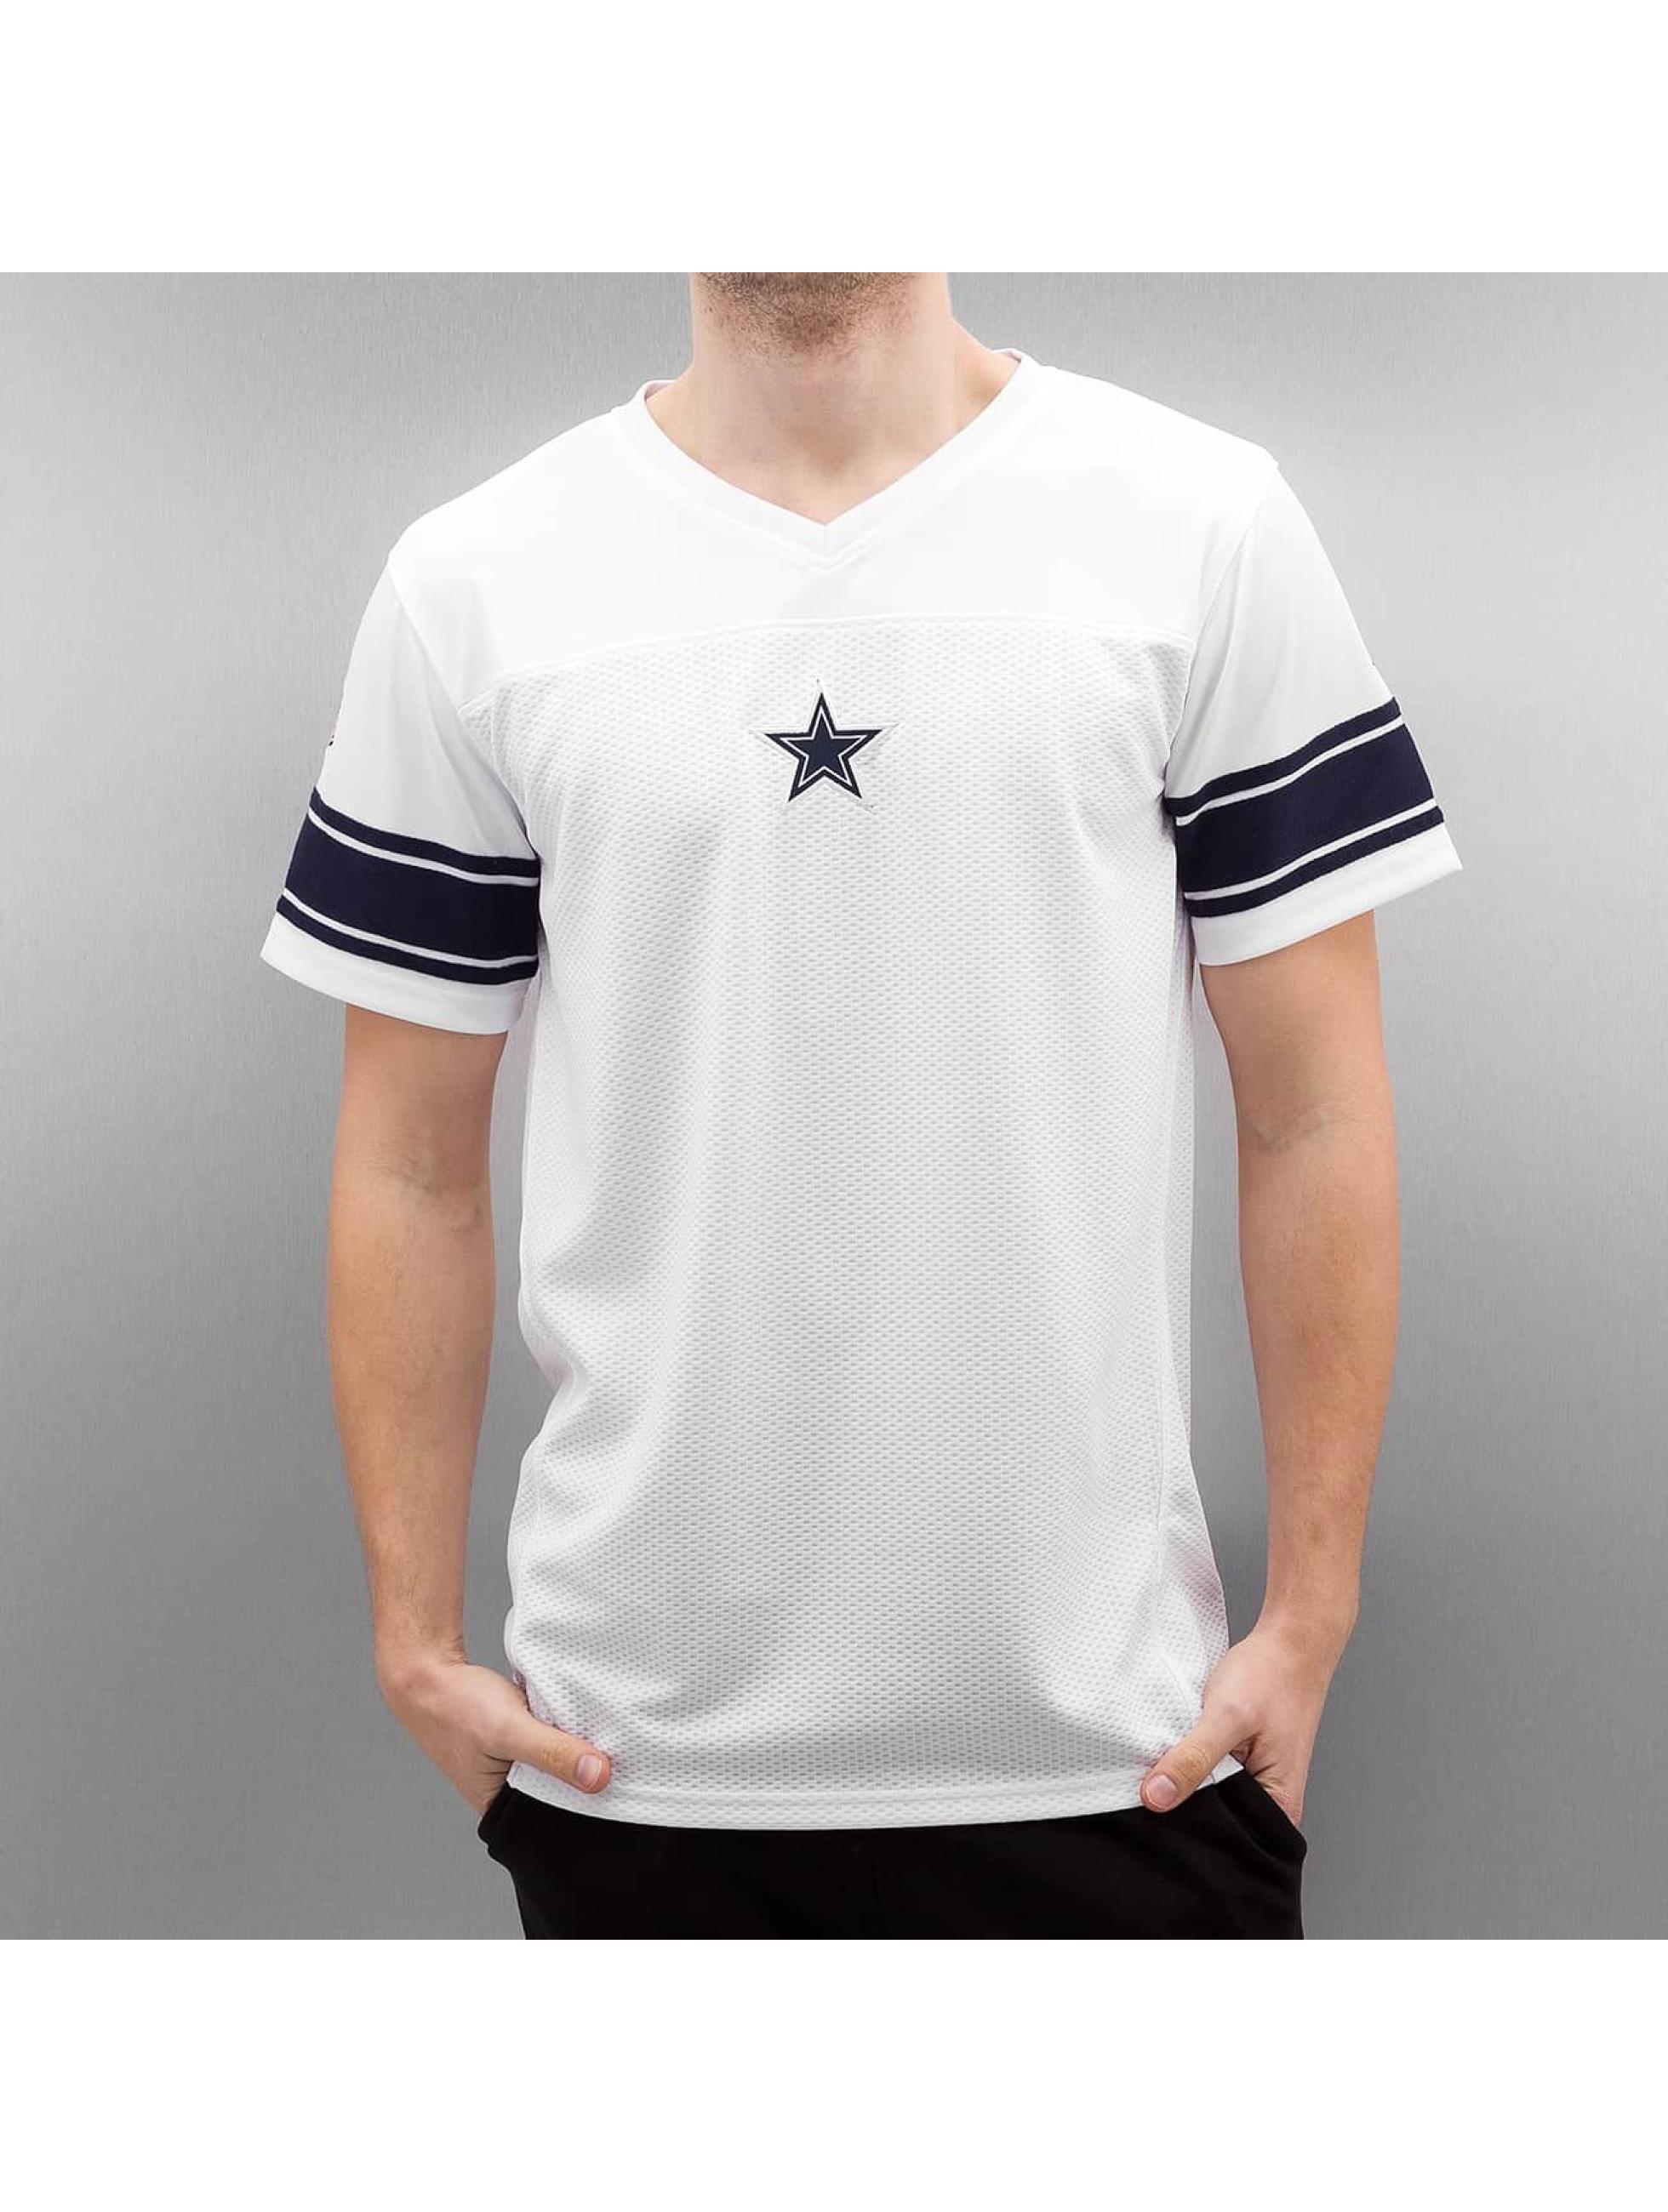 New-Era-Uomini-Maglieria-T-shirt-Team-Apparel-Supporters-Dallas-Cowboys